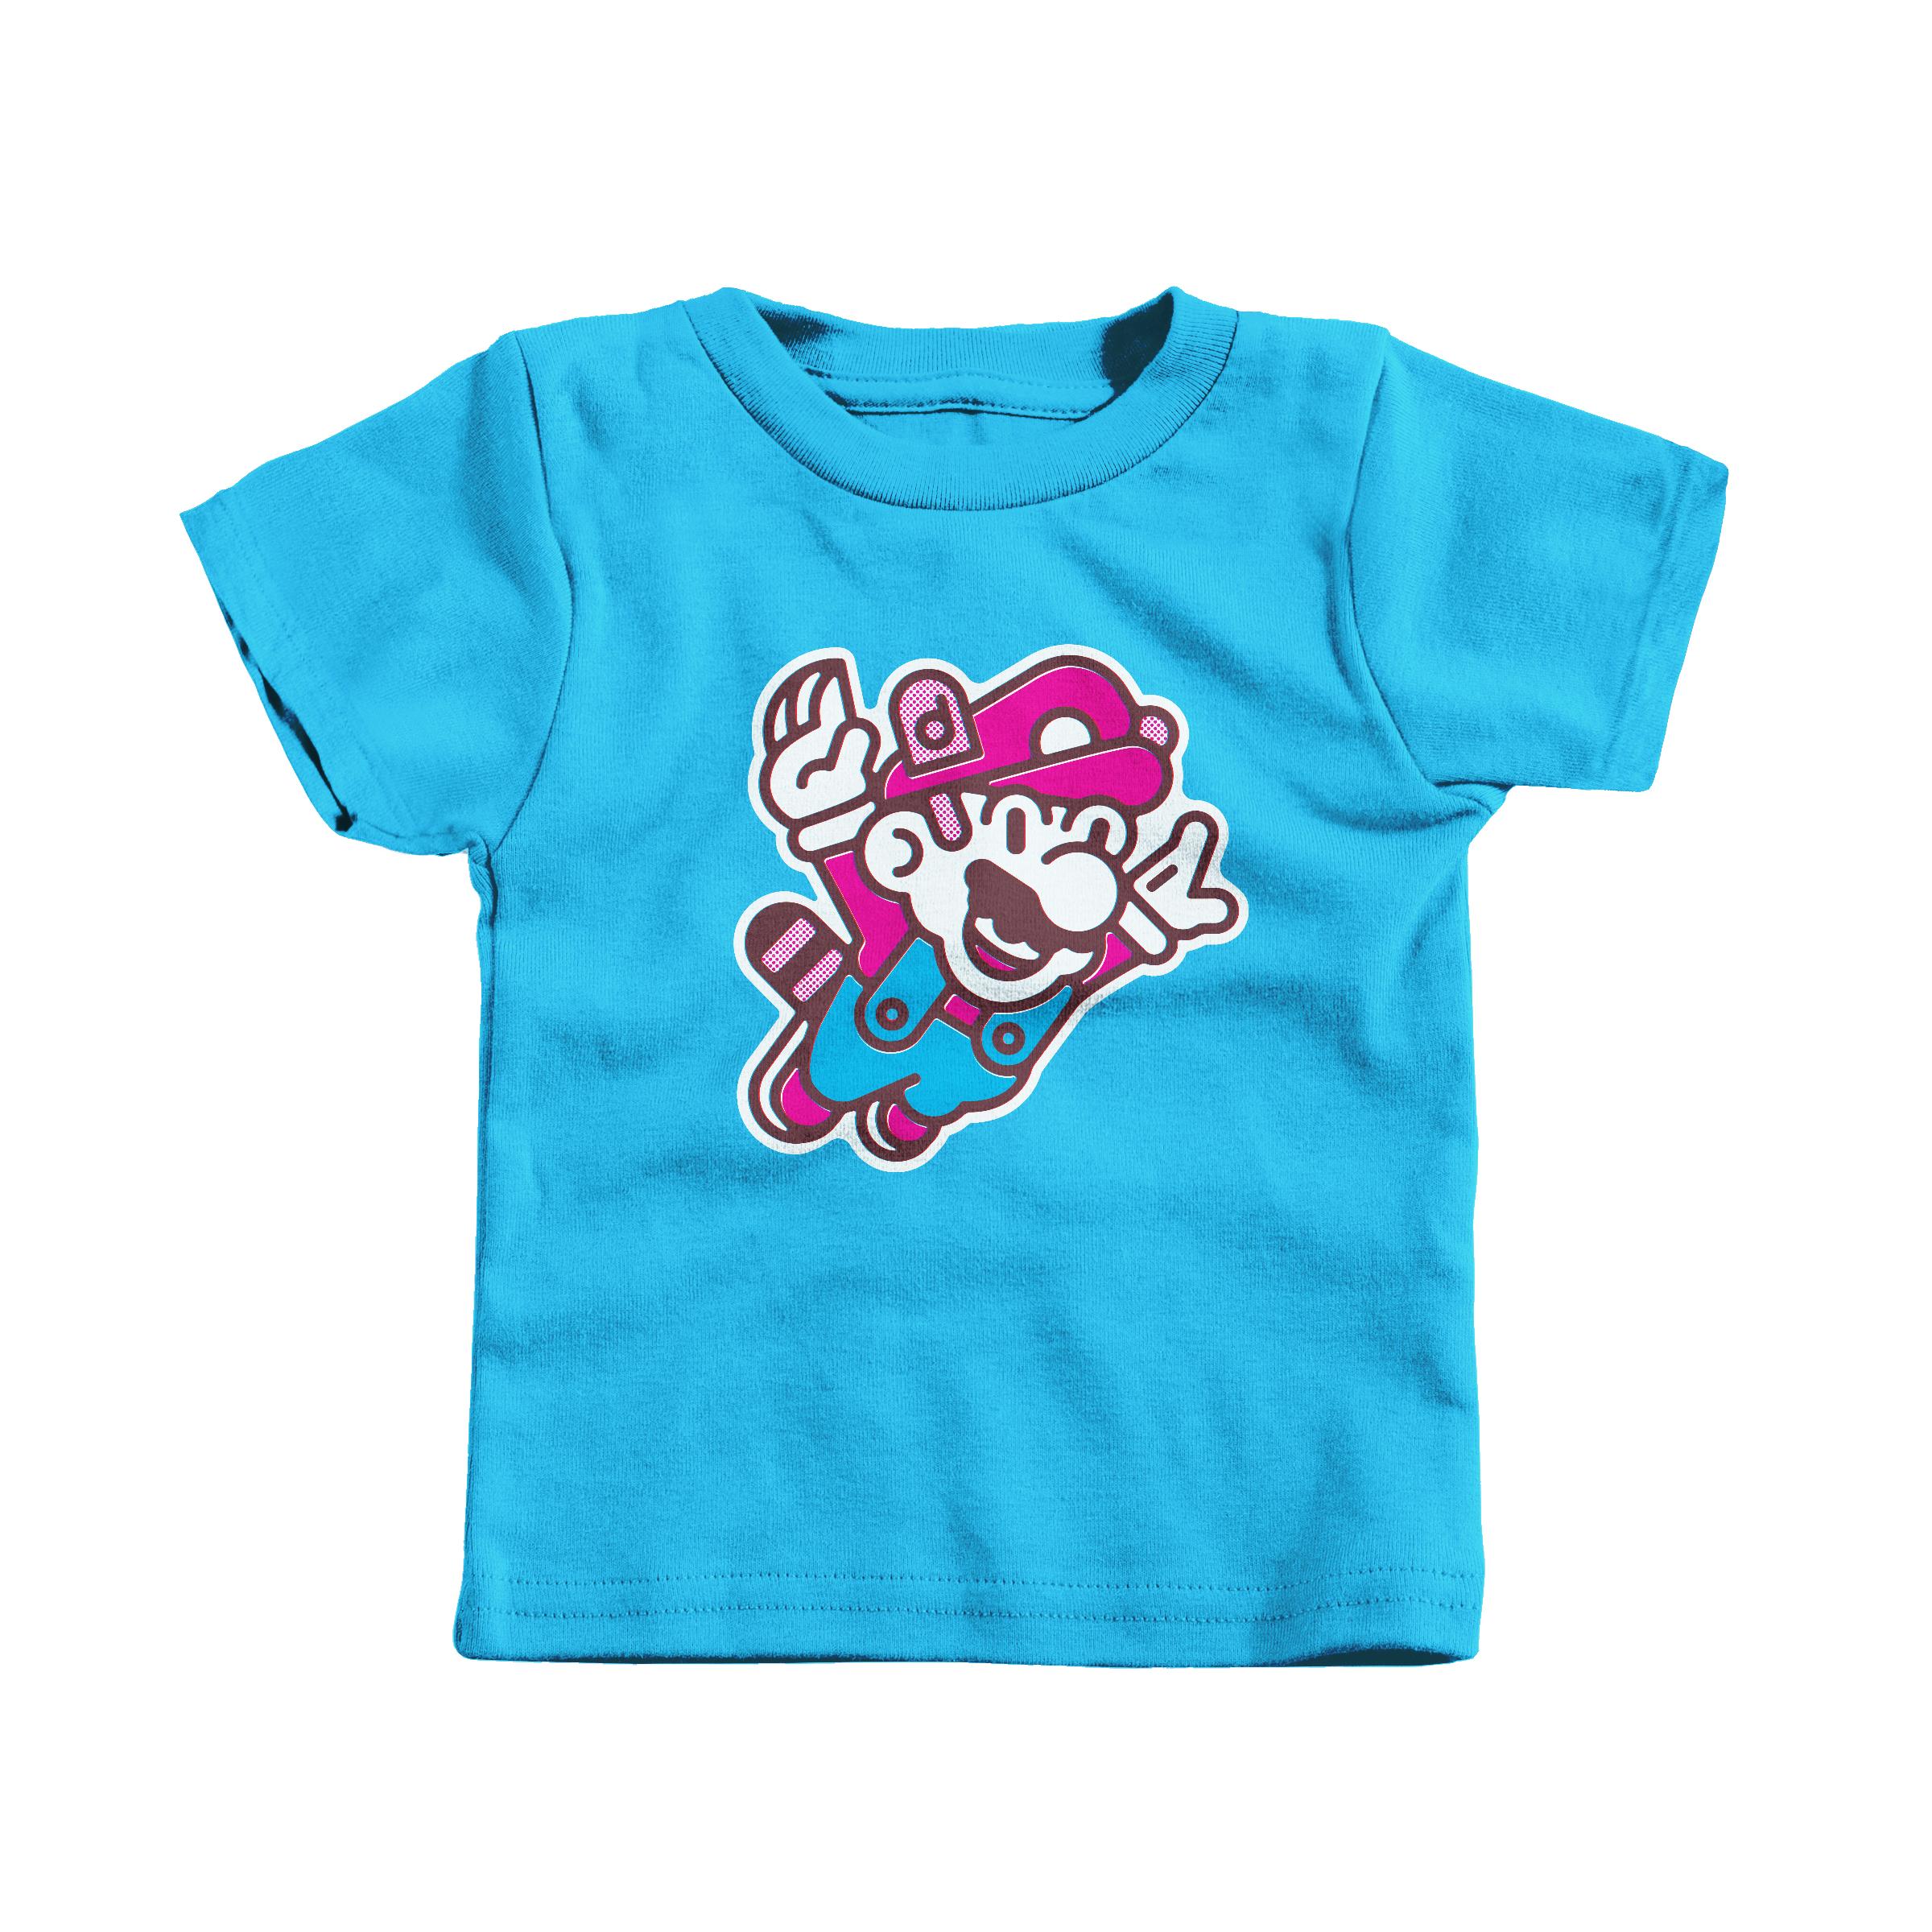 Super Mario Bros. 3 Turquoise (T-Shirt)